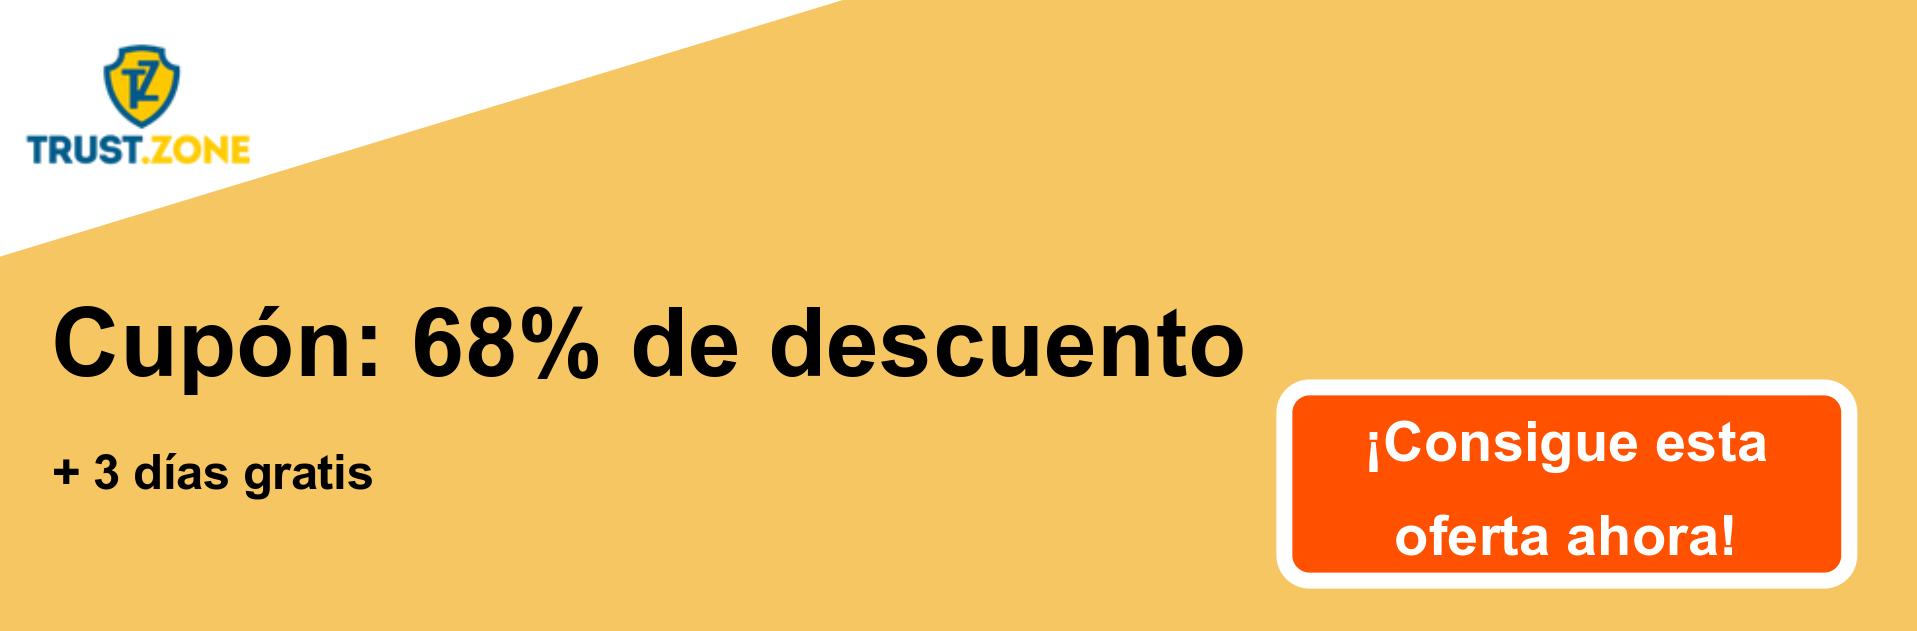 Banner de cupón Trust.Zone VPN: 68% de descuento